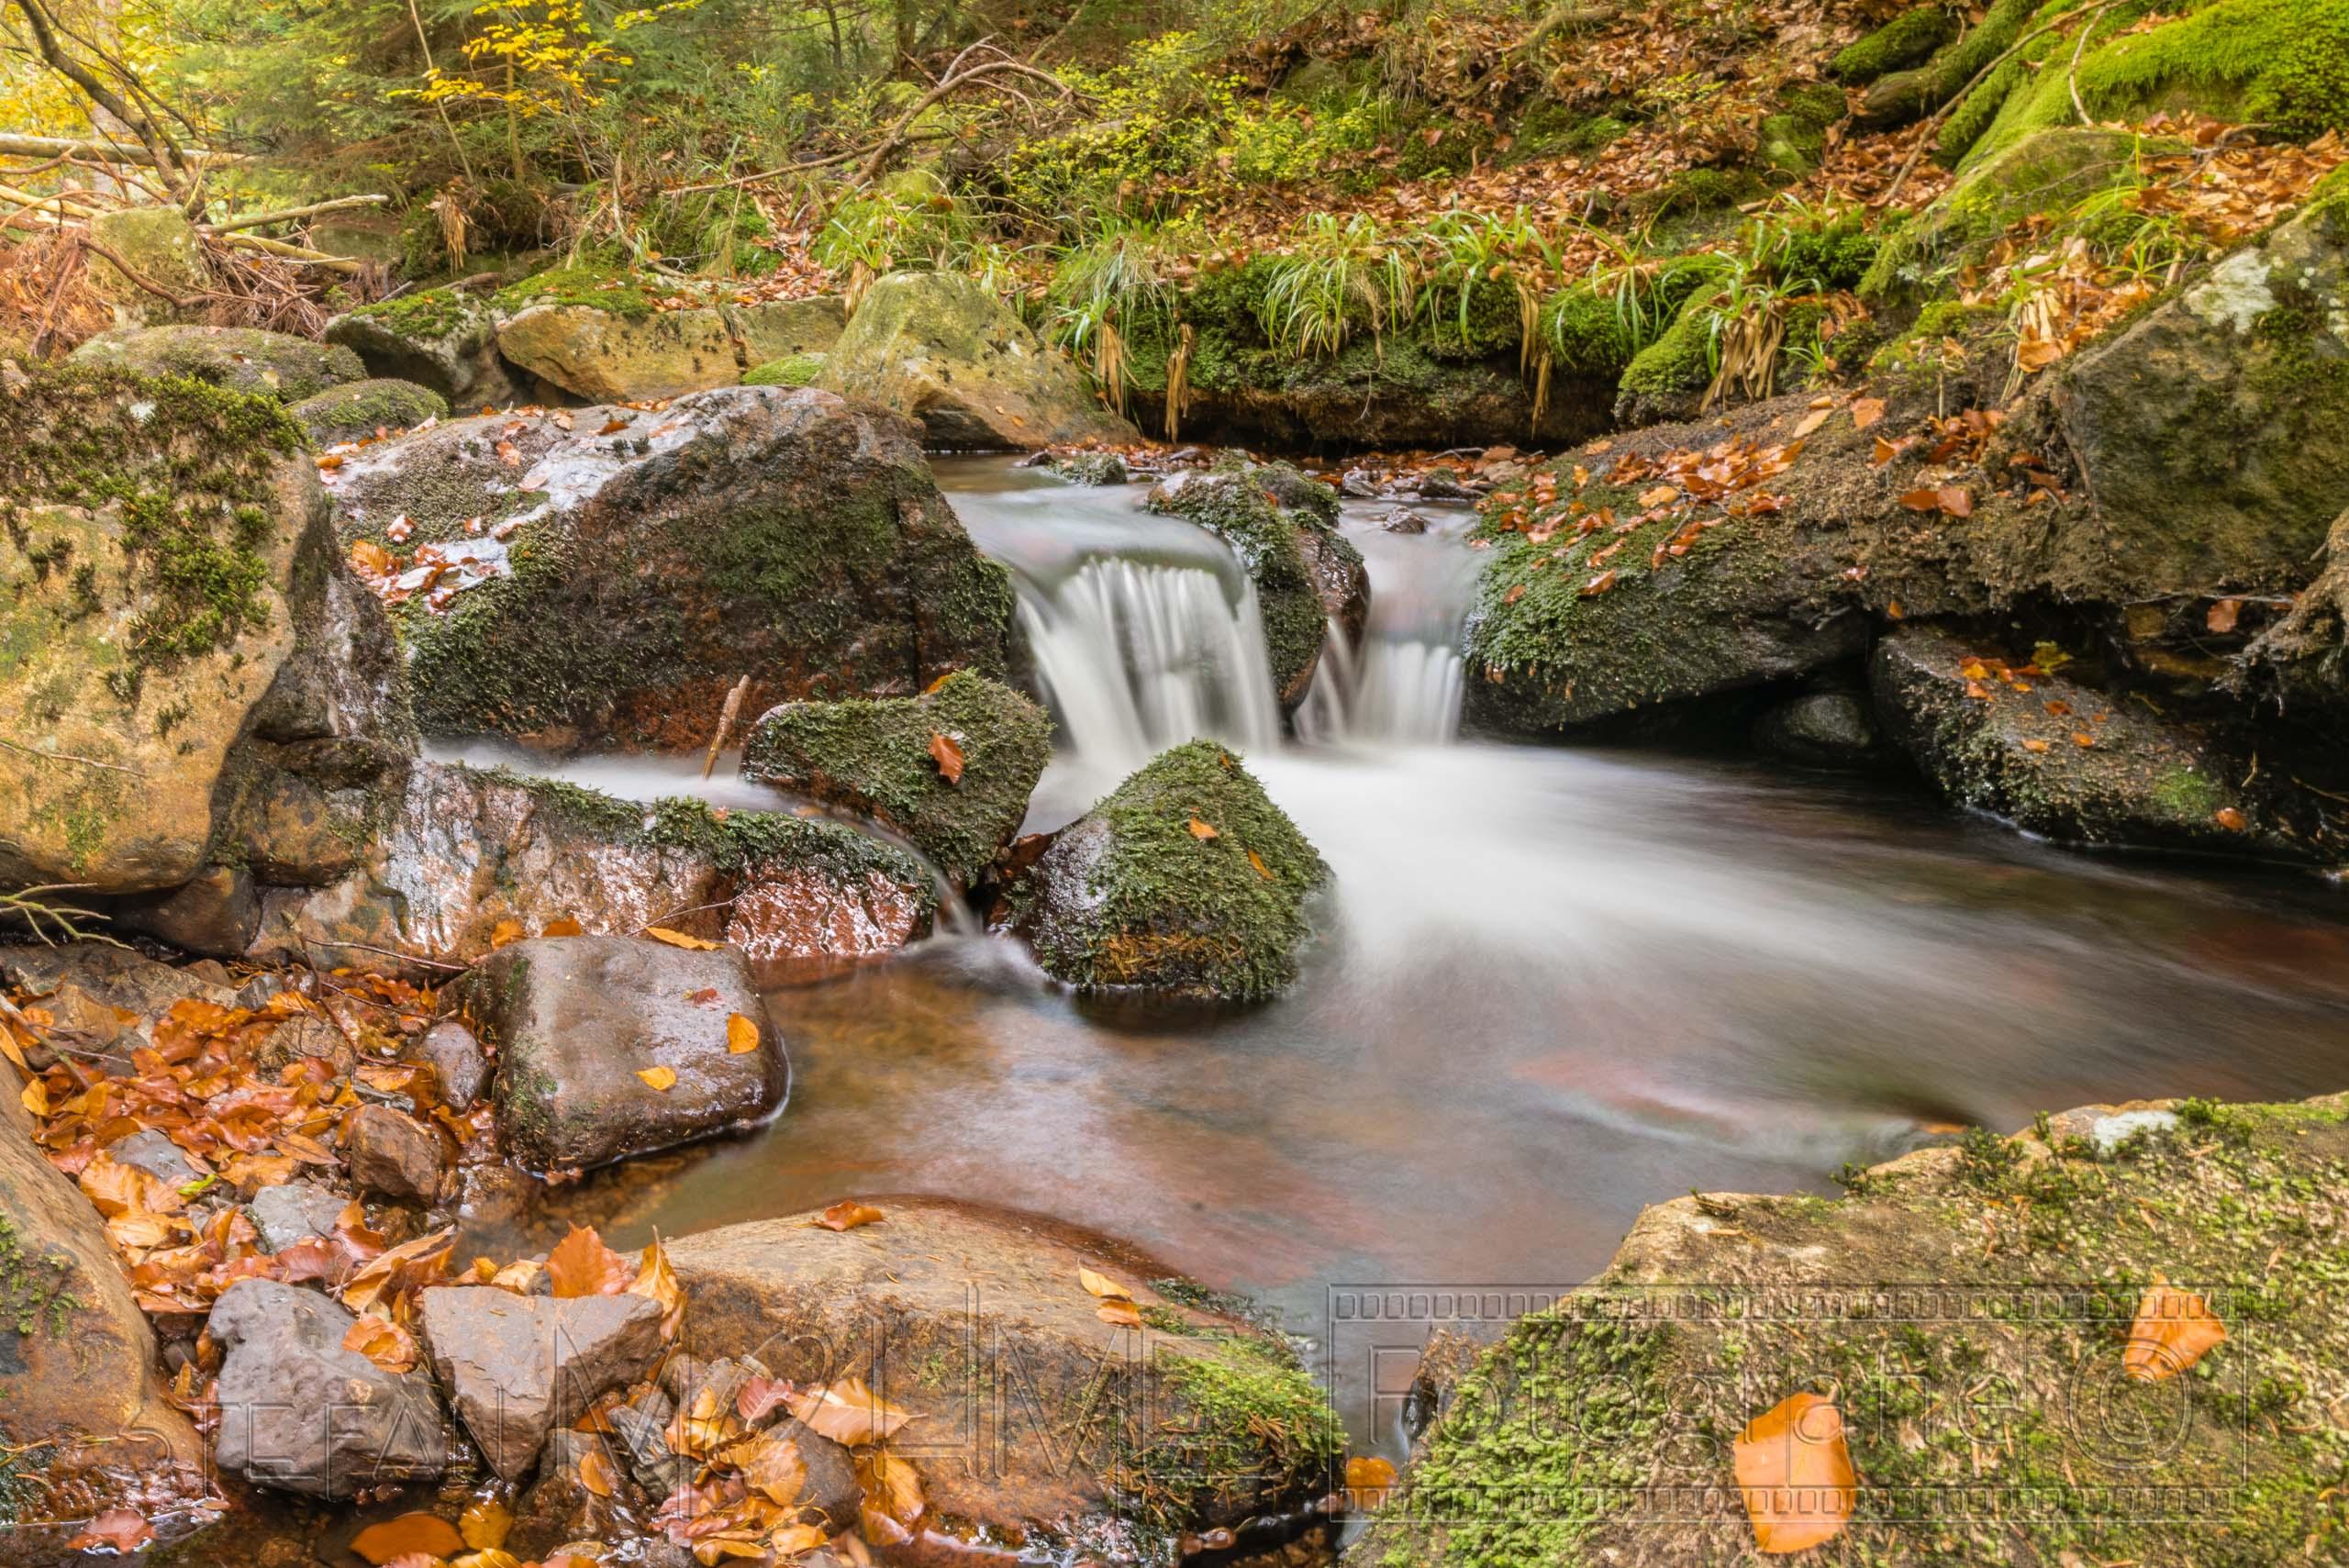 fluß, bach ,steine,wasser,langzeitaufnahme,graufilter, nd filter, natur, landschaft,harz